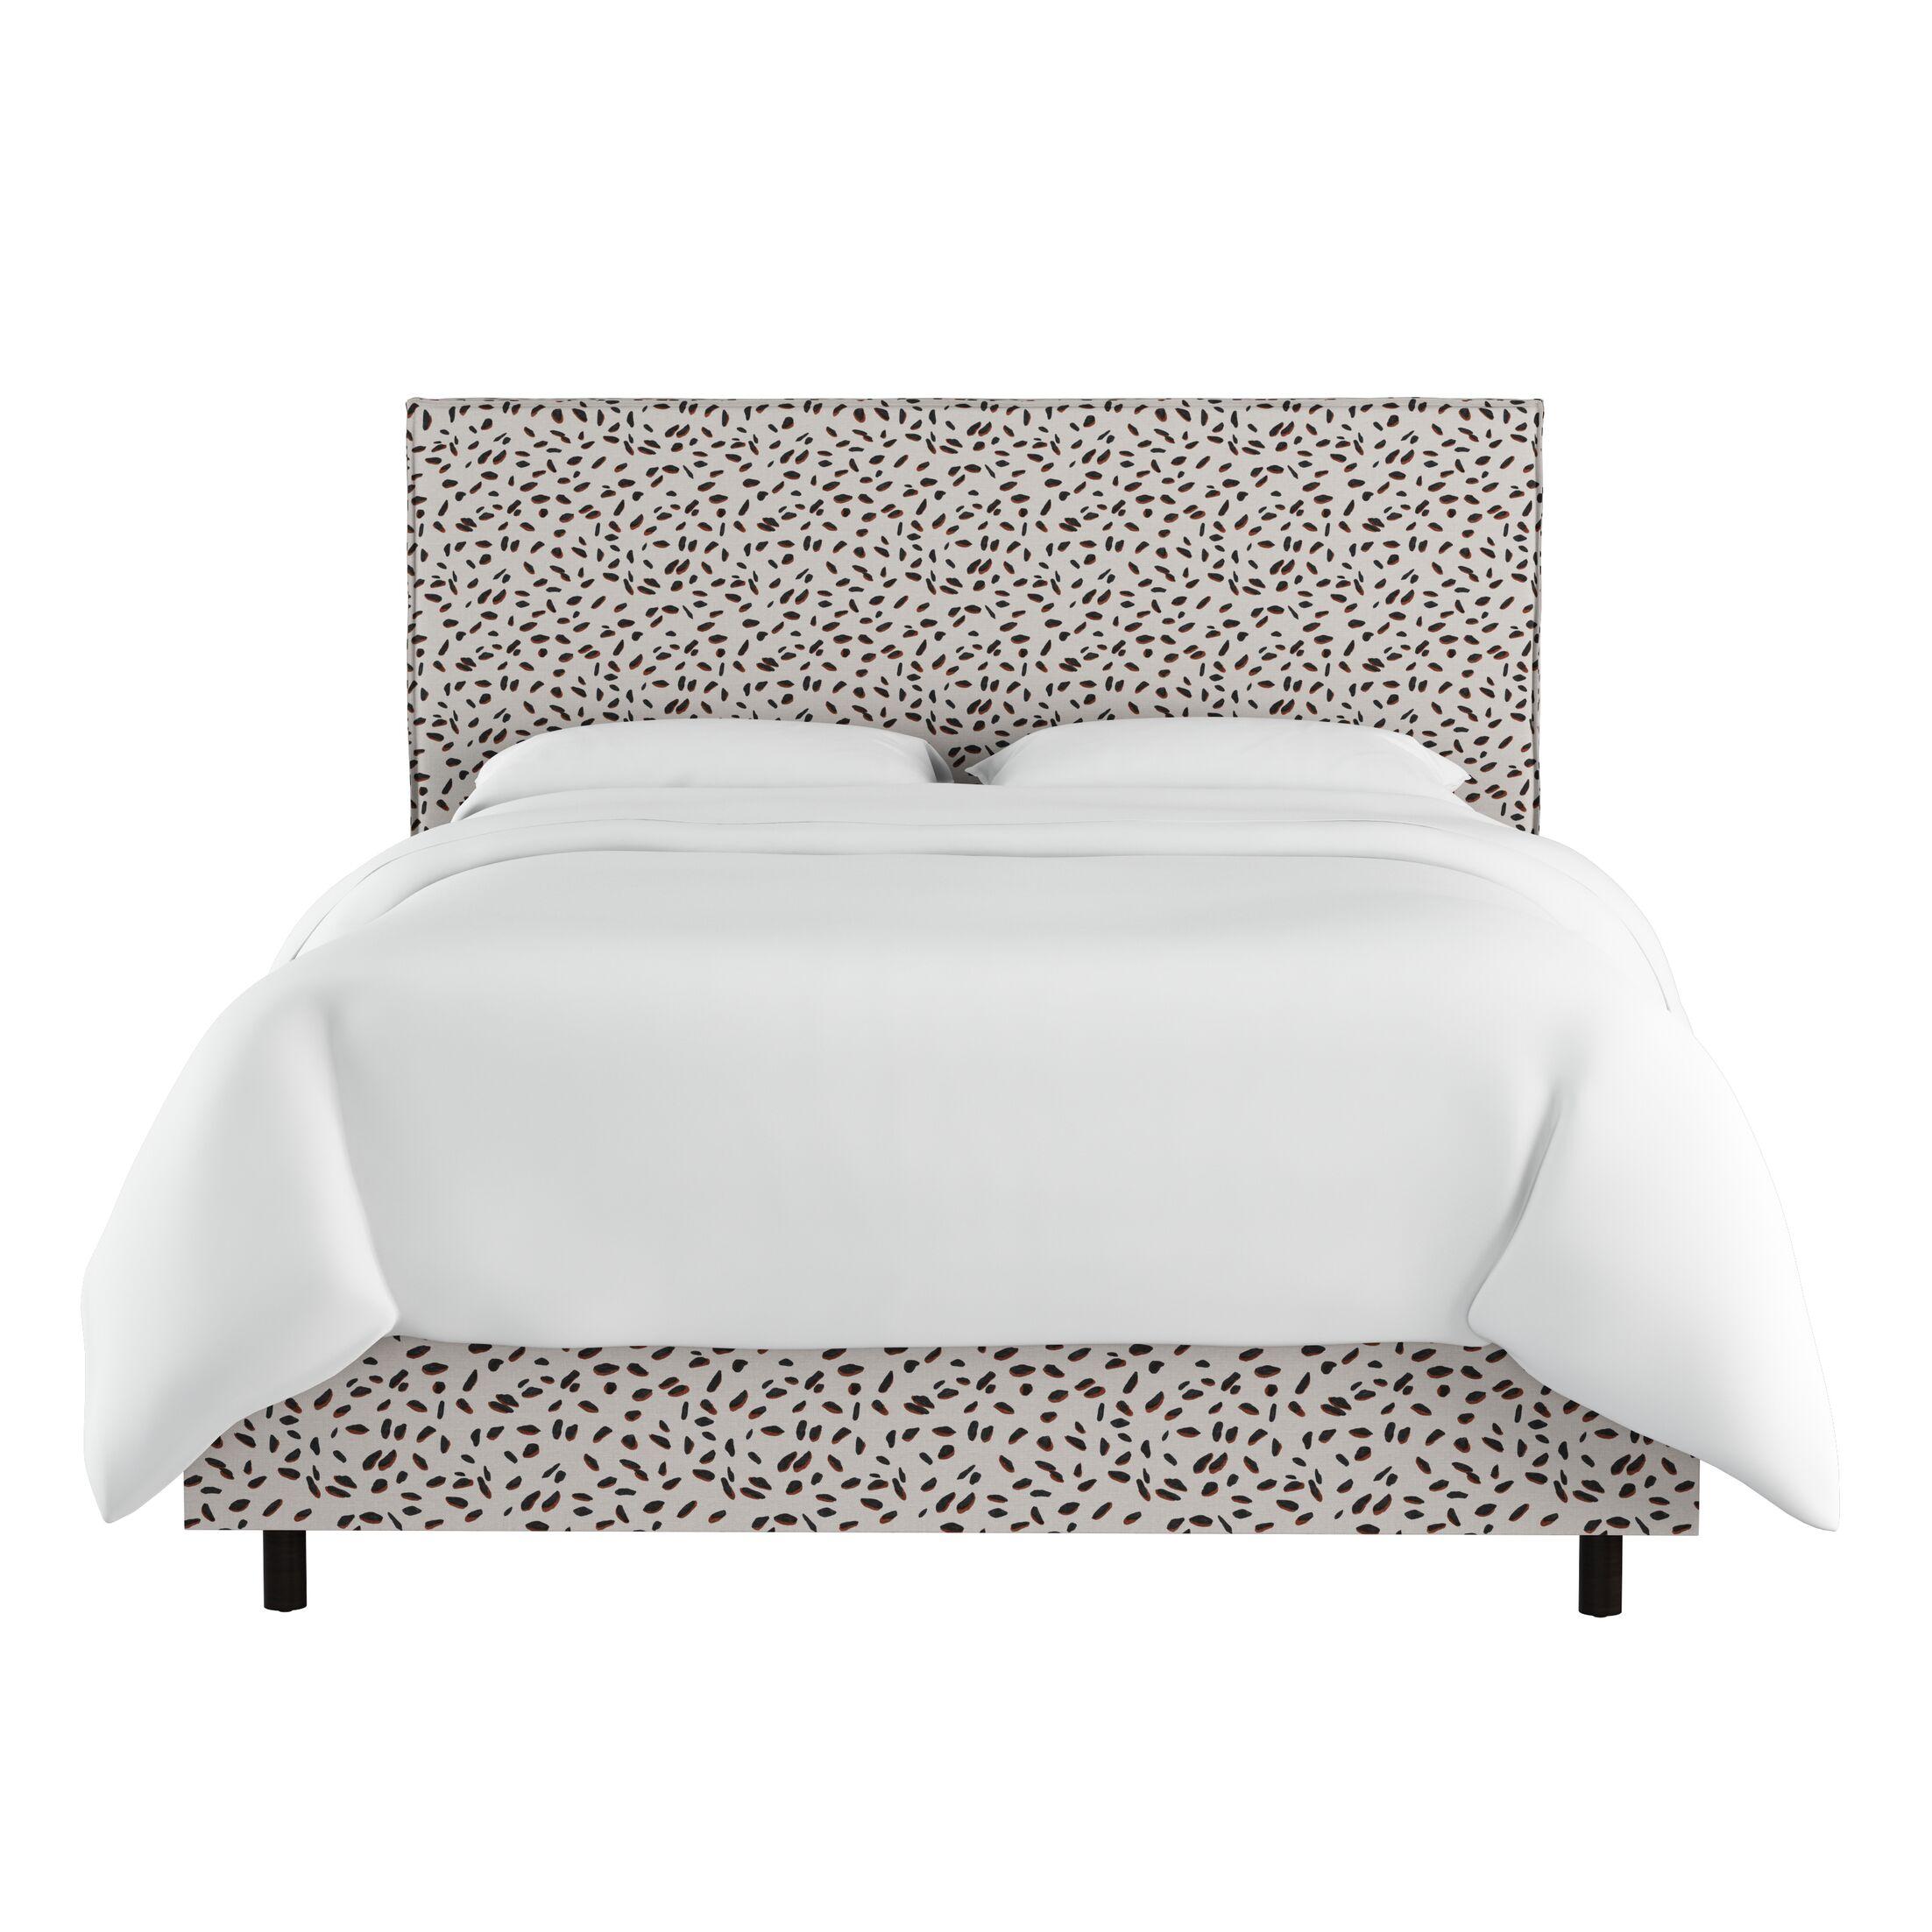 Marksbury Slipcover Upholstered Panel Bed Size: King